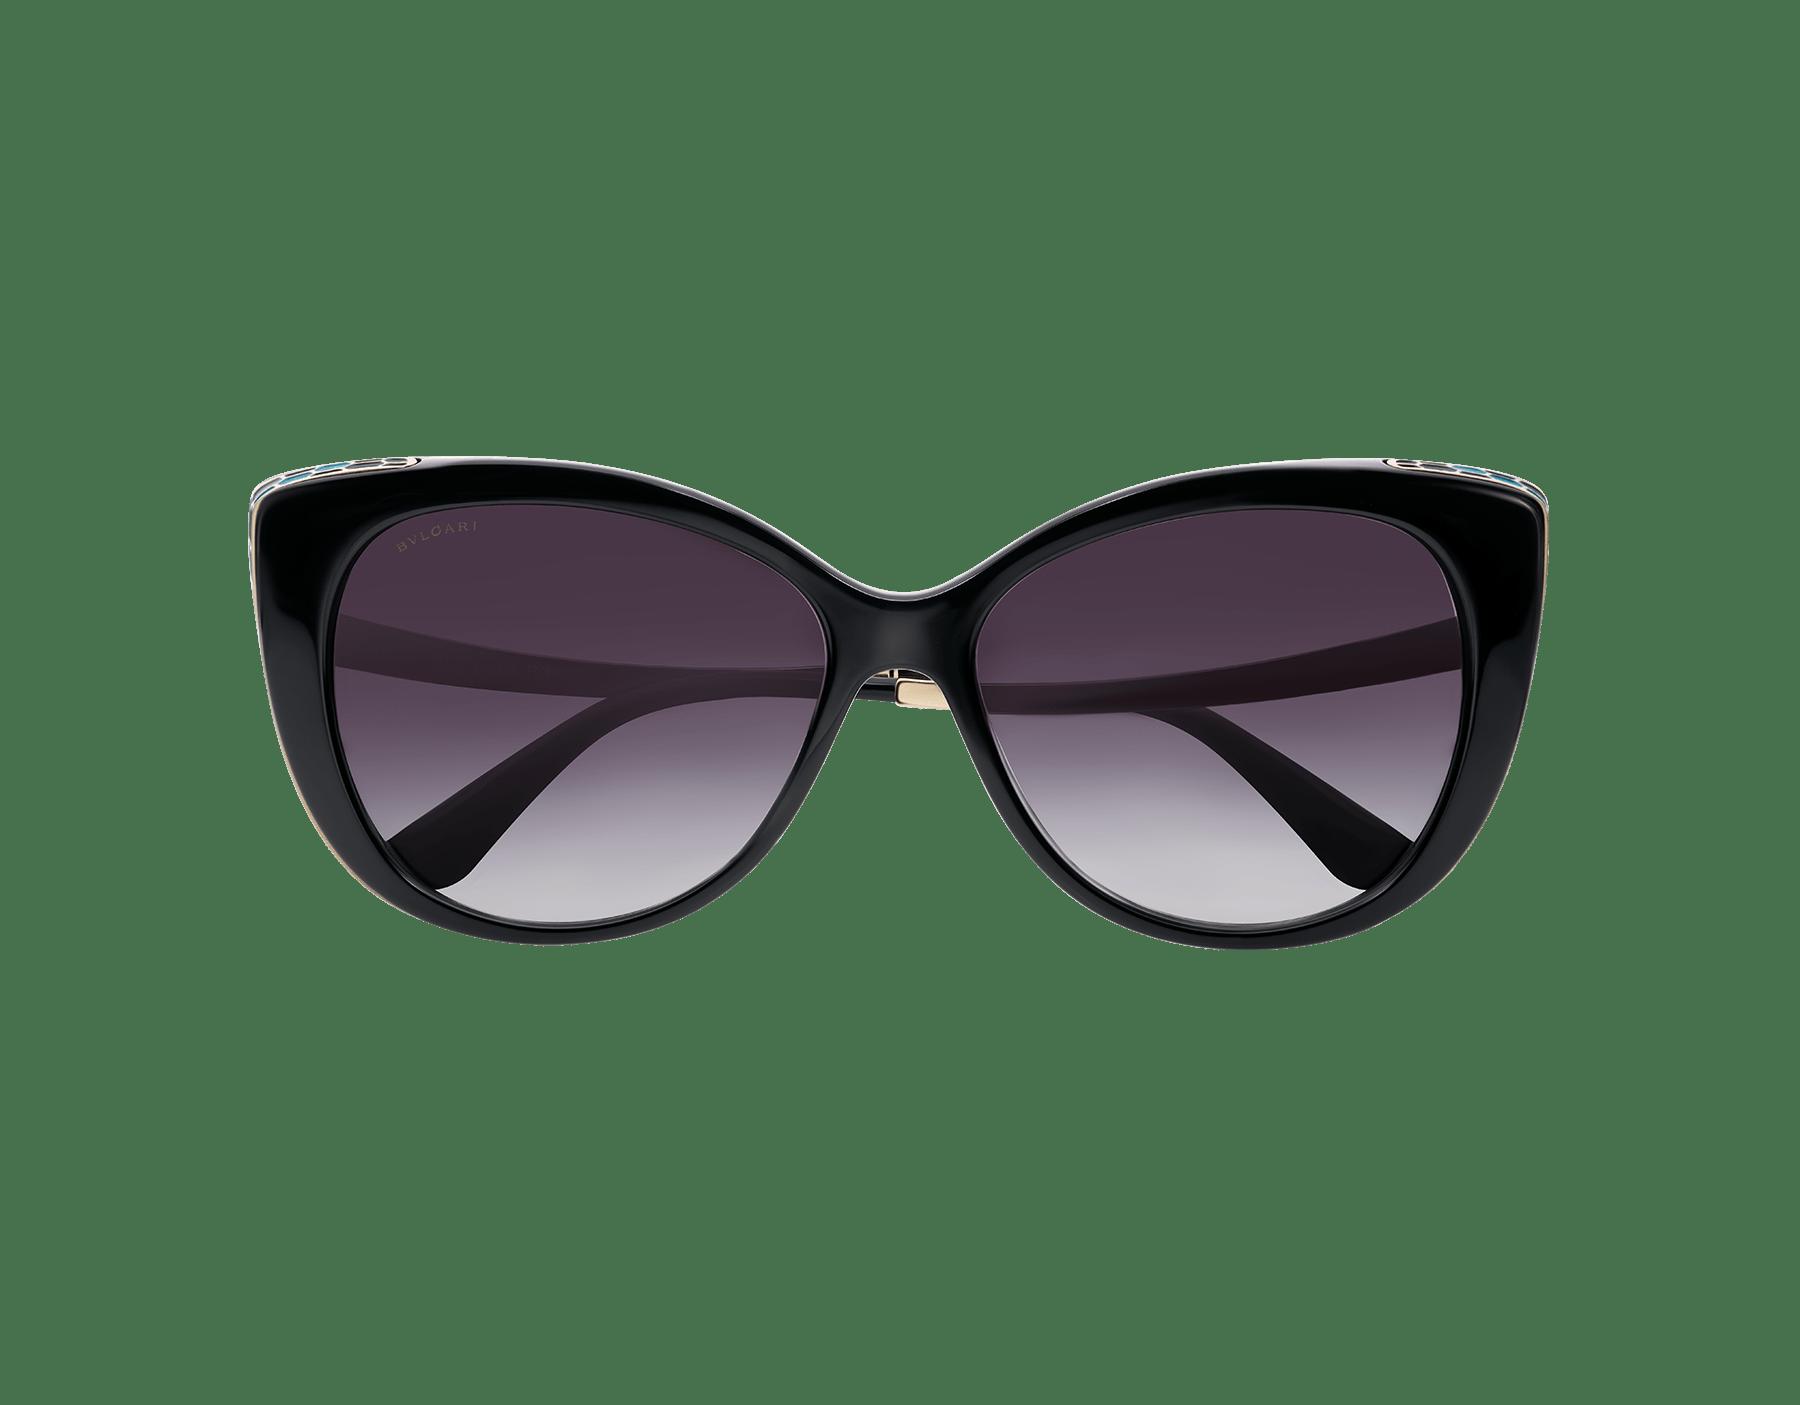 貓眼式金屬鏡架,時尚優雅,彎曲鏡腳呼應蛇身曲線,任何穿搭都適合佩戴。鏡面鏡片和彩色鱗片以純手工鑲於鏡架,展現蓬勃生氣。 903057 image 2